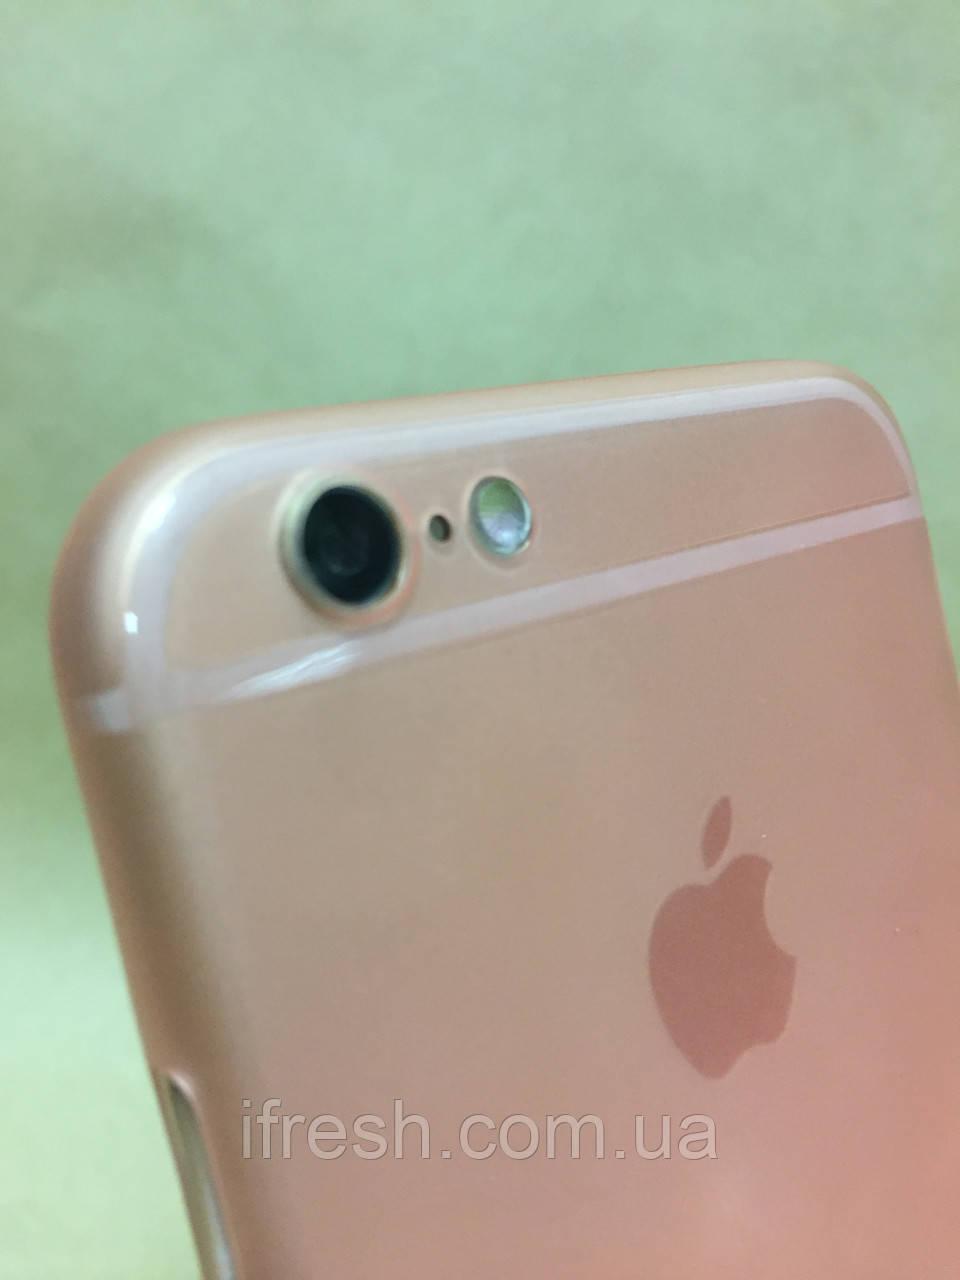 Ультратонкий чехол Saiskai для iPhone 6/6s, розовый